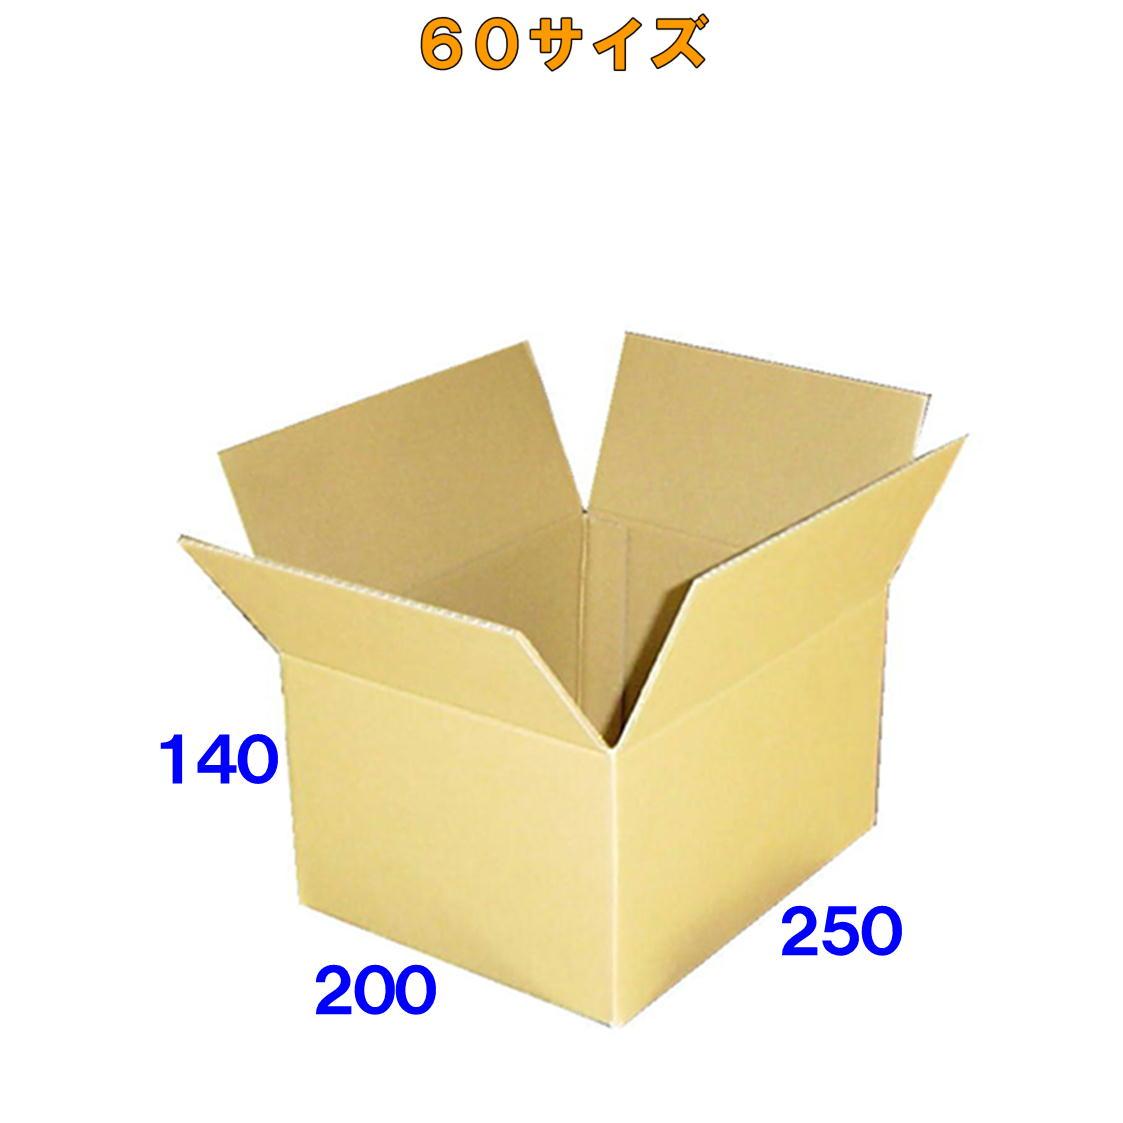 宅急便 宅配便 ゆうパック60サイズ対応段ボール箱90枚 A式 みかん箱 タイプならではのコストパフォーマンスを発揮 90枚※西濃運輸での配送となります※※沖縄と離島は対象外となります※ 60サイズ 法人様向け ダンボール モデル着用 注目アイテム 新作 大人気 箱